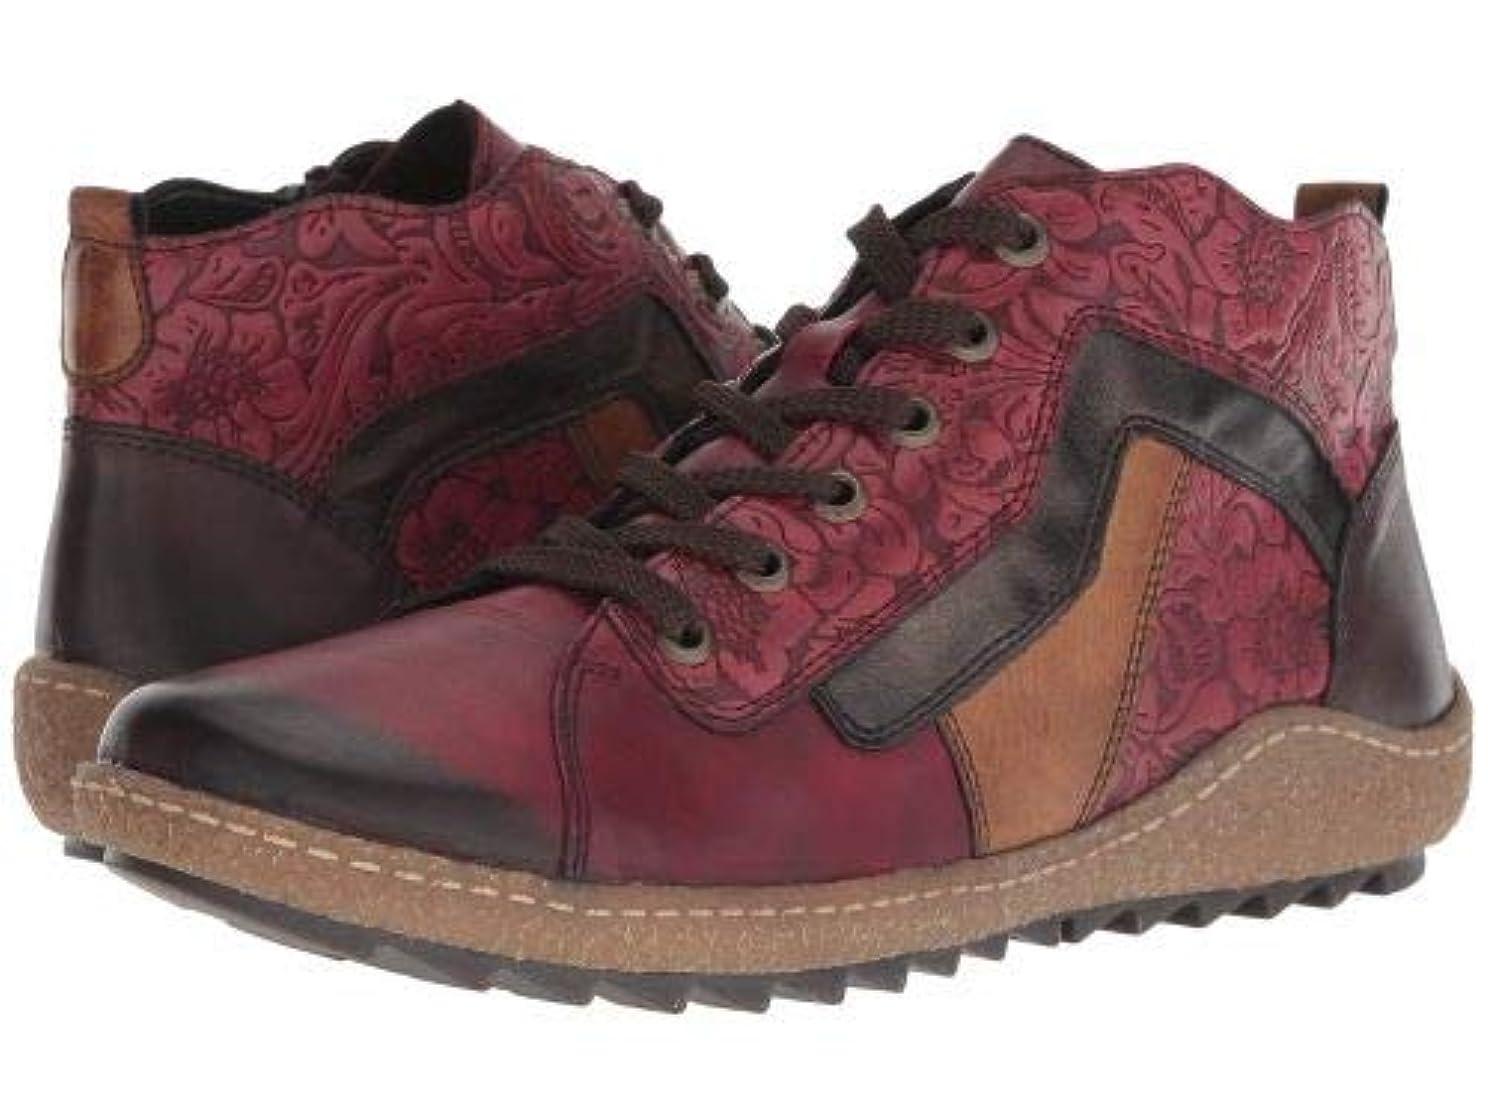 指令洗練された爆発Rieker(リーカー) レディース 女性用 シューズ 靴 ブーツ レースアップブーツ R4777 Liv 77 - Vino/Wine/Antik/Chestnut/Havanna [並行輸入品]